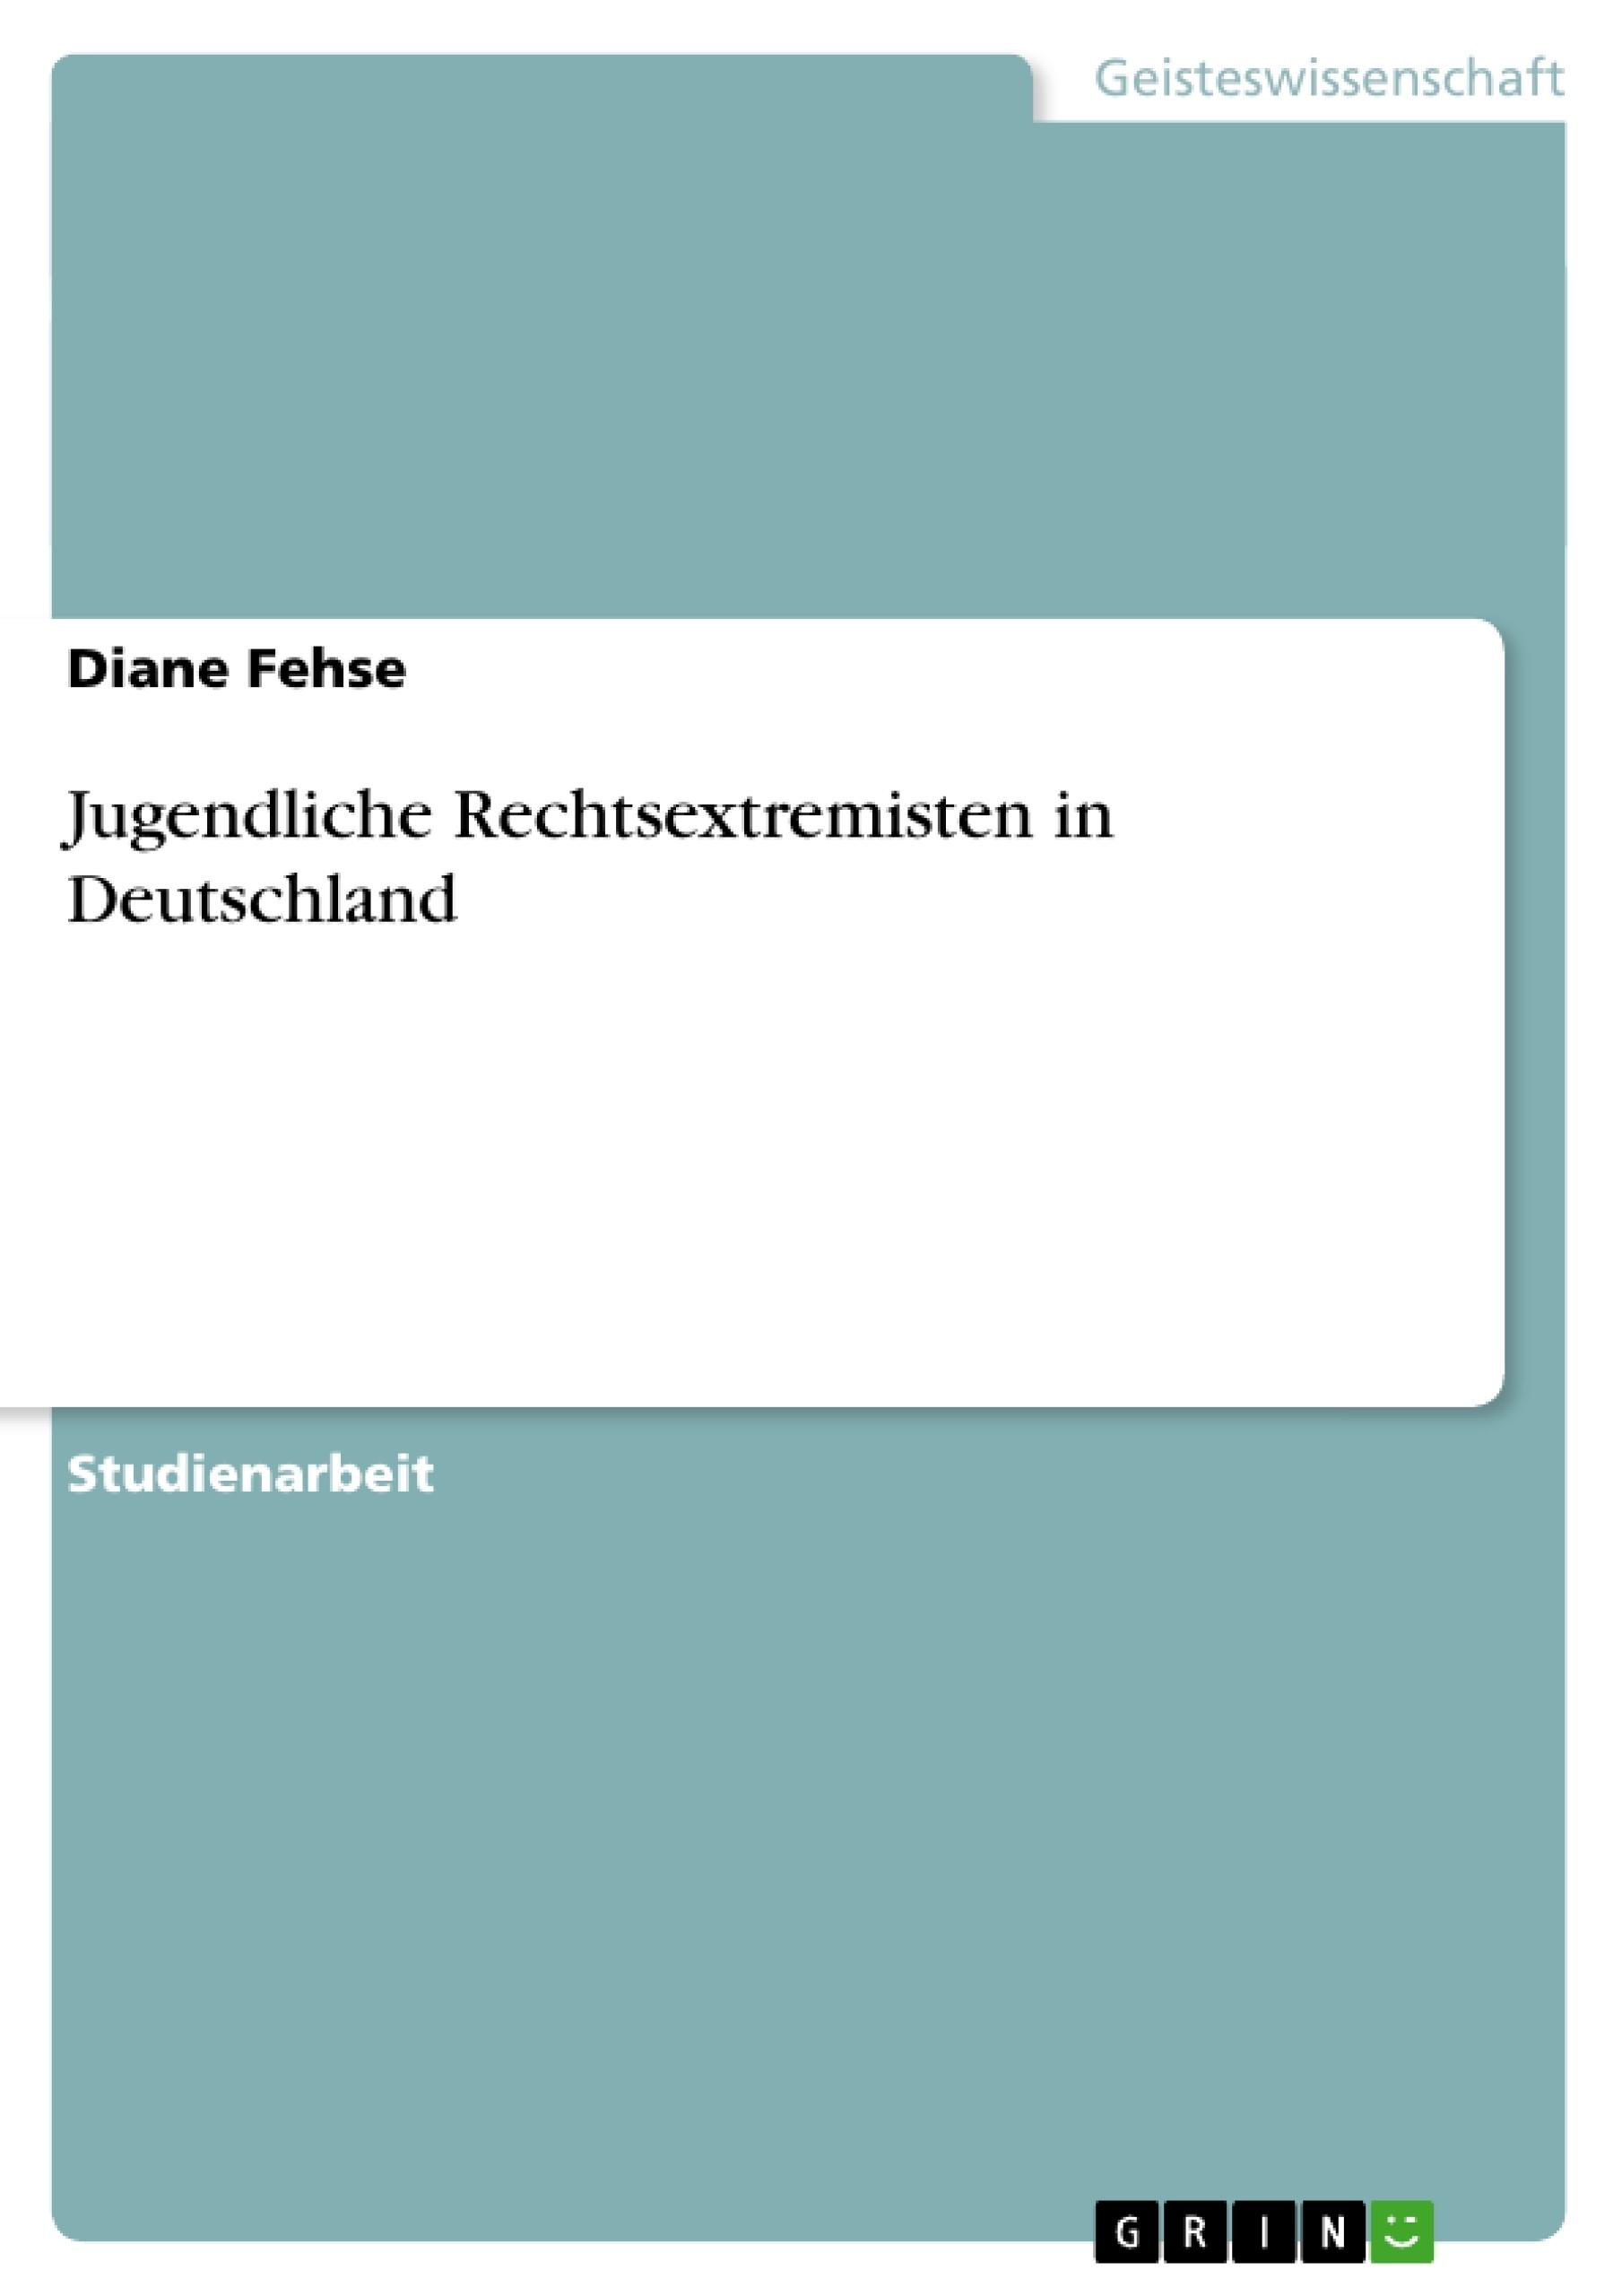 Titel: Jugendliche Rechtsextremisten in Deutschland